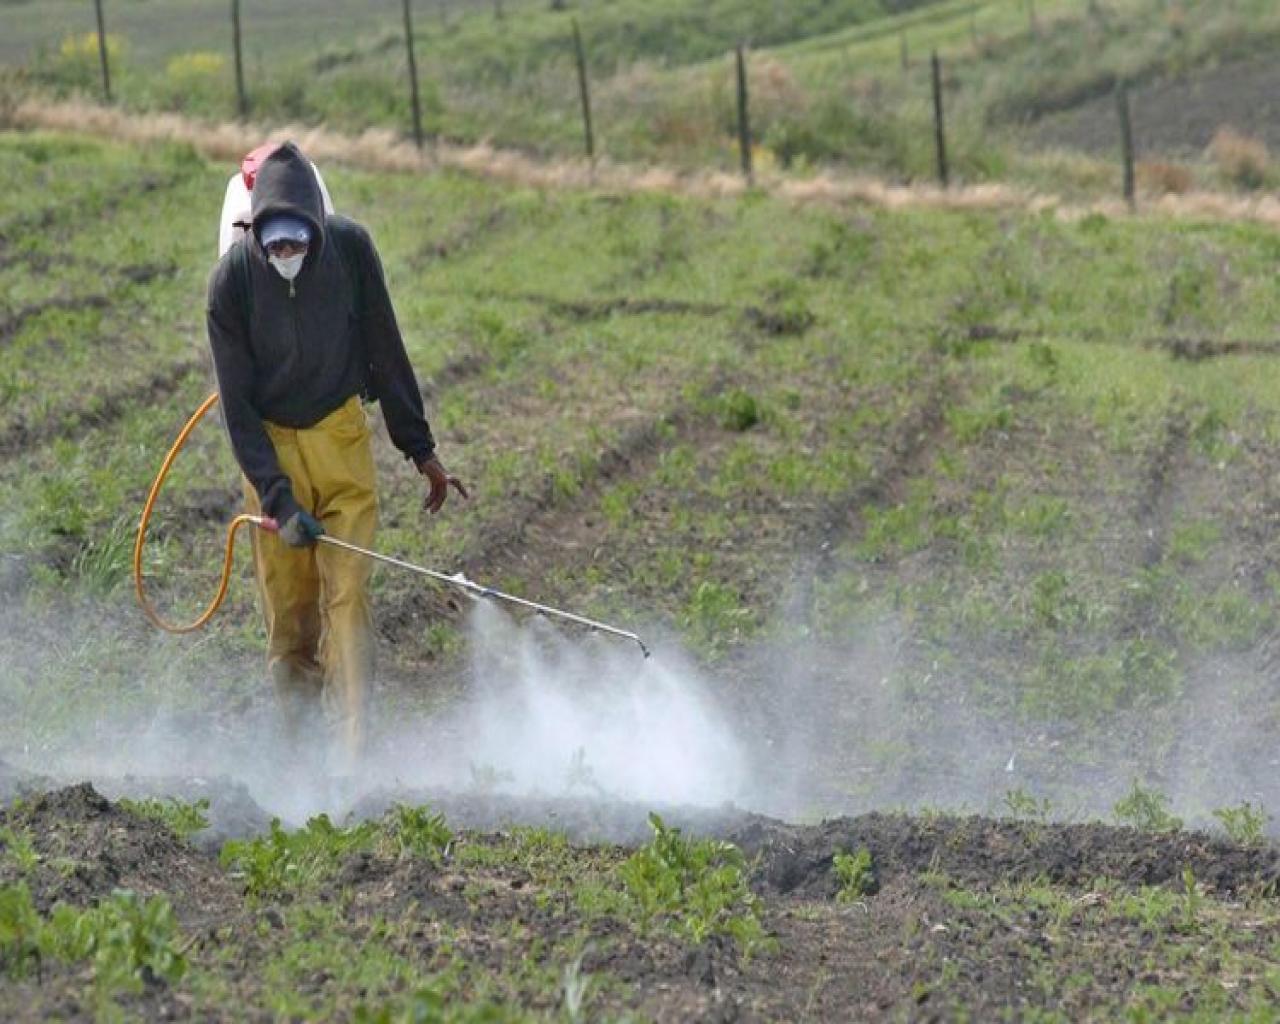 Minagri prohibirá el uso de plaguicidas altamente tóxicos